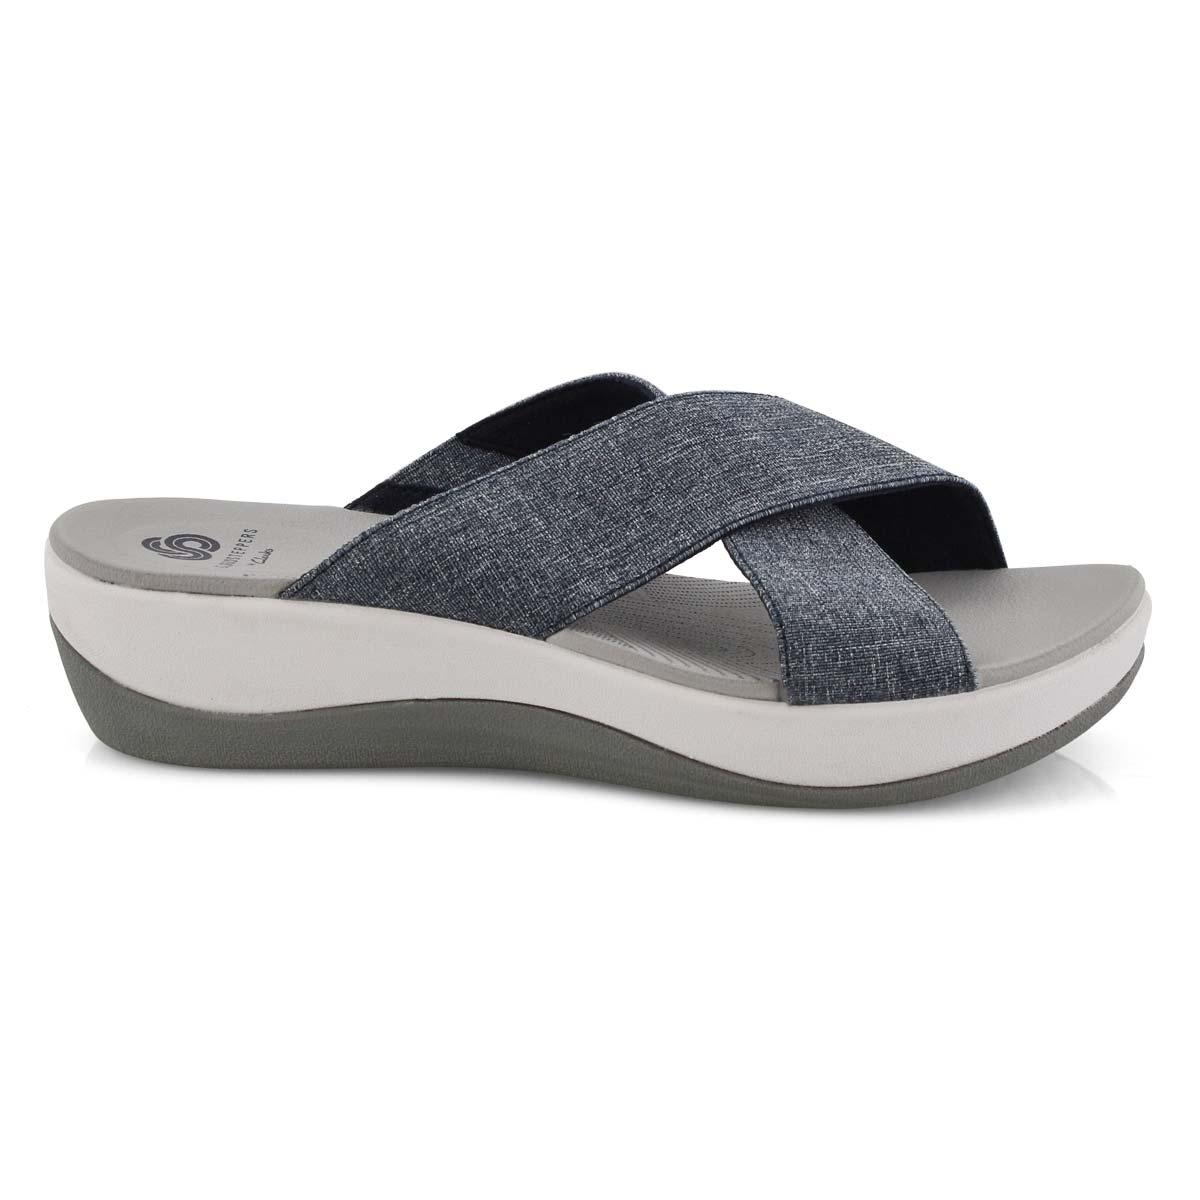 Lds Arla Elin navy wedge slide sandal